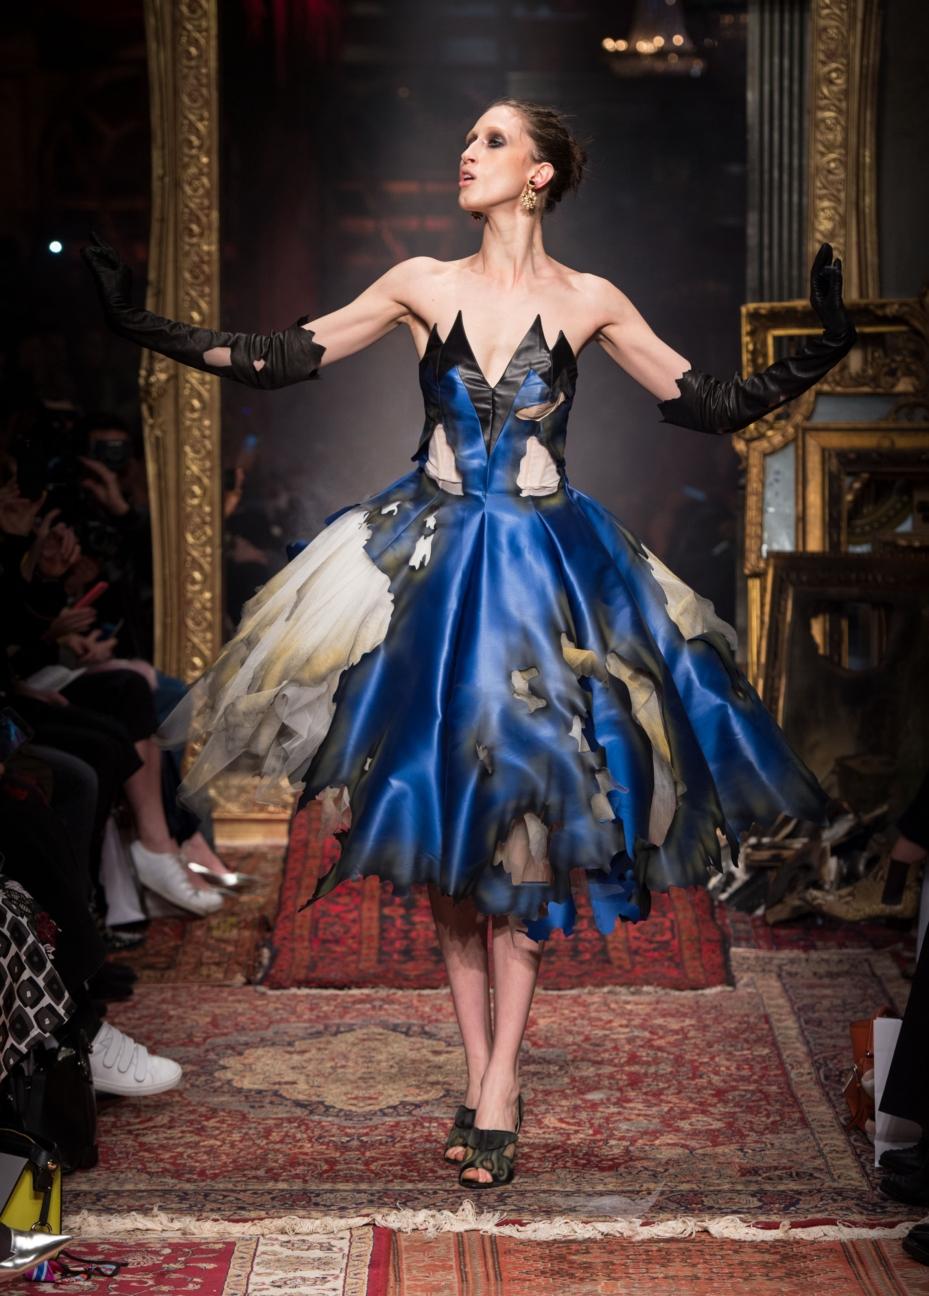 moschino-milan-fashion-week-aw-16-51